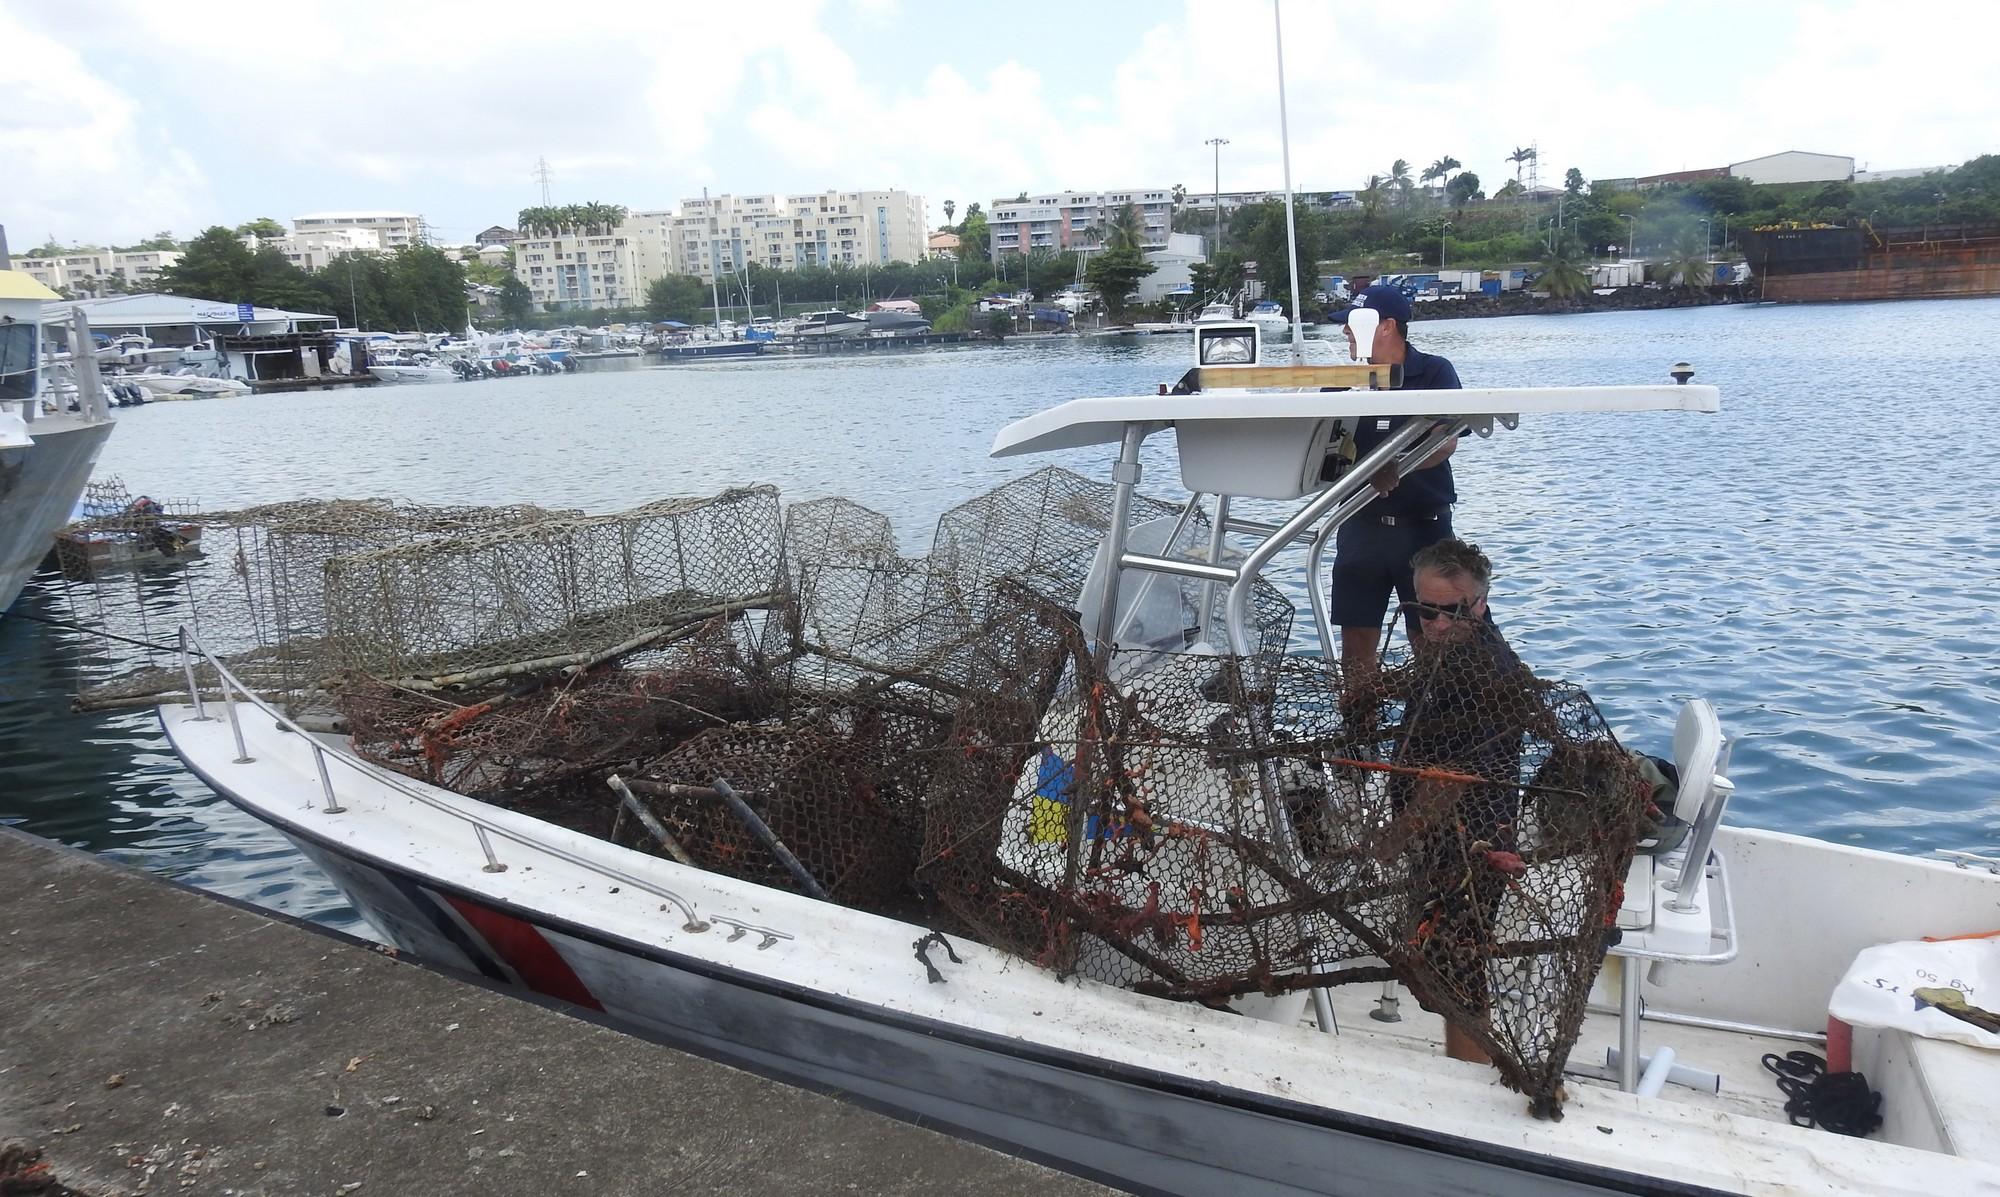 14 nasses et une ligne de fond détruites dans une zone interdite à la pêche